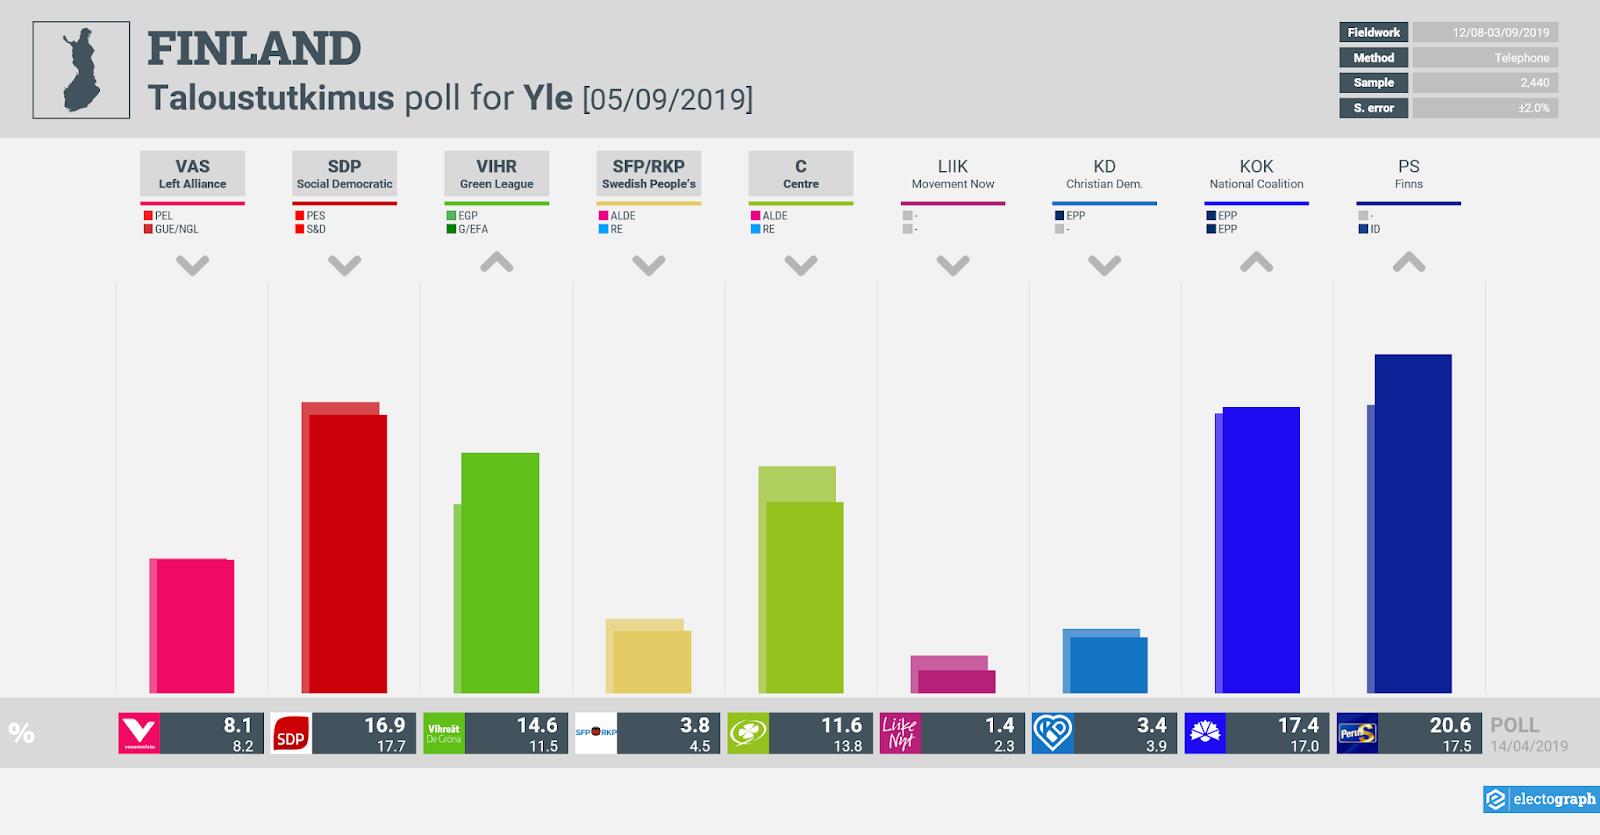 FINLAND: Taloustutkimus poll chart for Yle, 5 September 2019